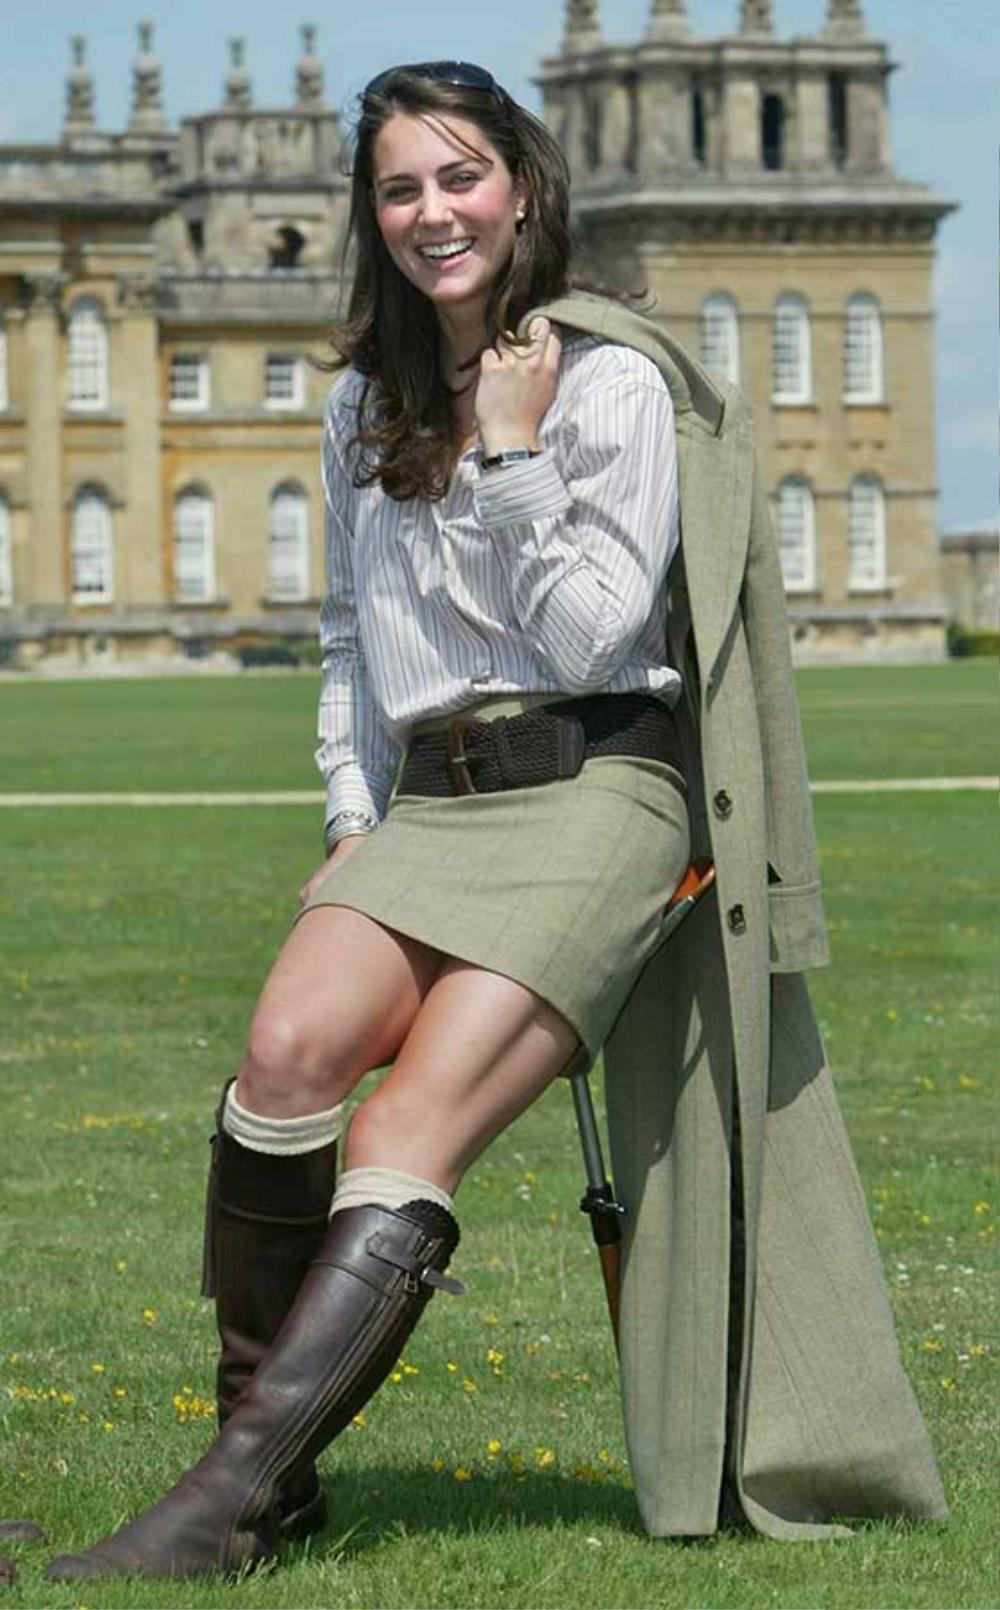 Bí ẩn tủ đồ Hoàng gia: Tại sao Kate Middleton thích mặc màu xanh lá cây? Ảnh 12